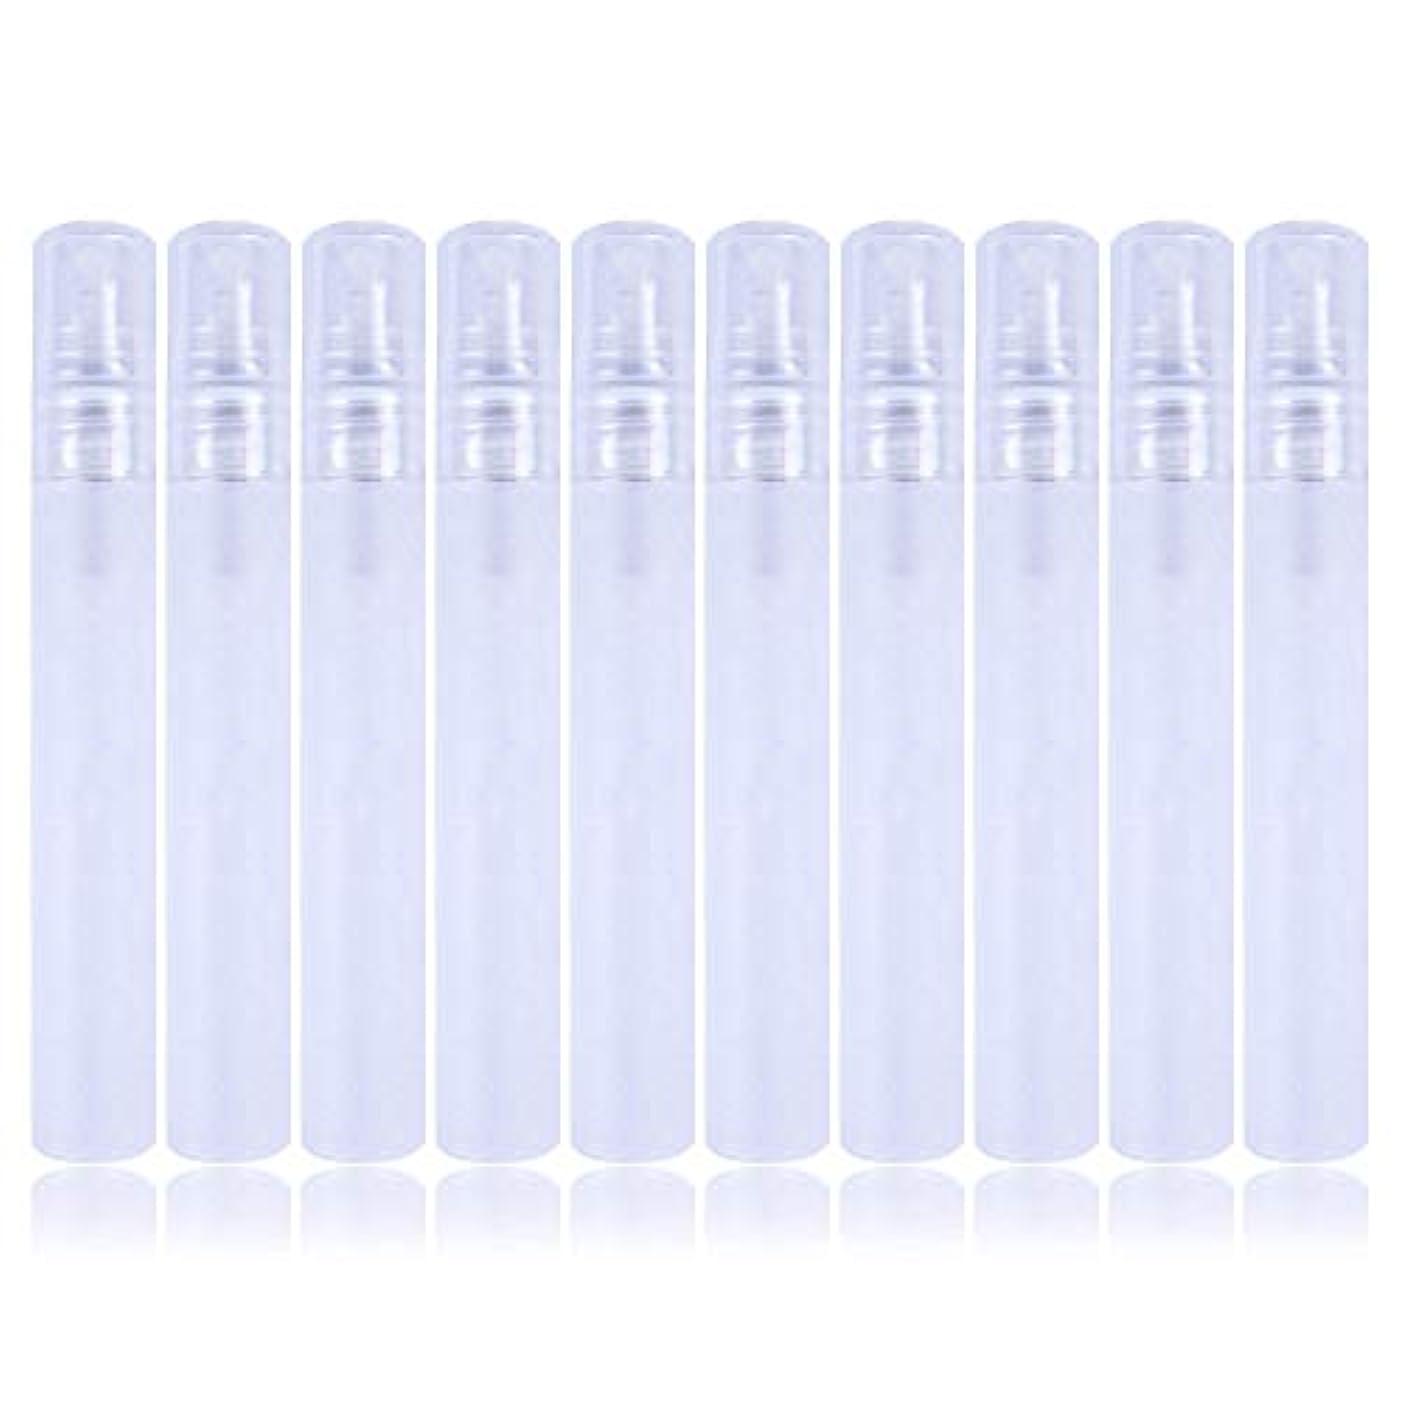 延ばす転用しつけ10個入り 10ml 透明な白 プラスチックボトルスプレー ミニサンプルボトル 香水、トナーなどに使用されます